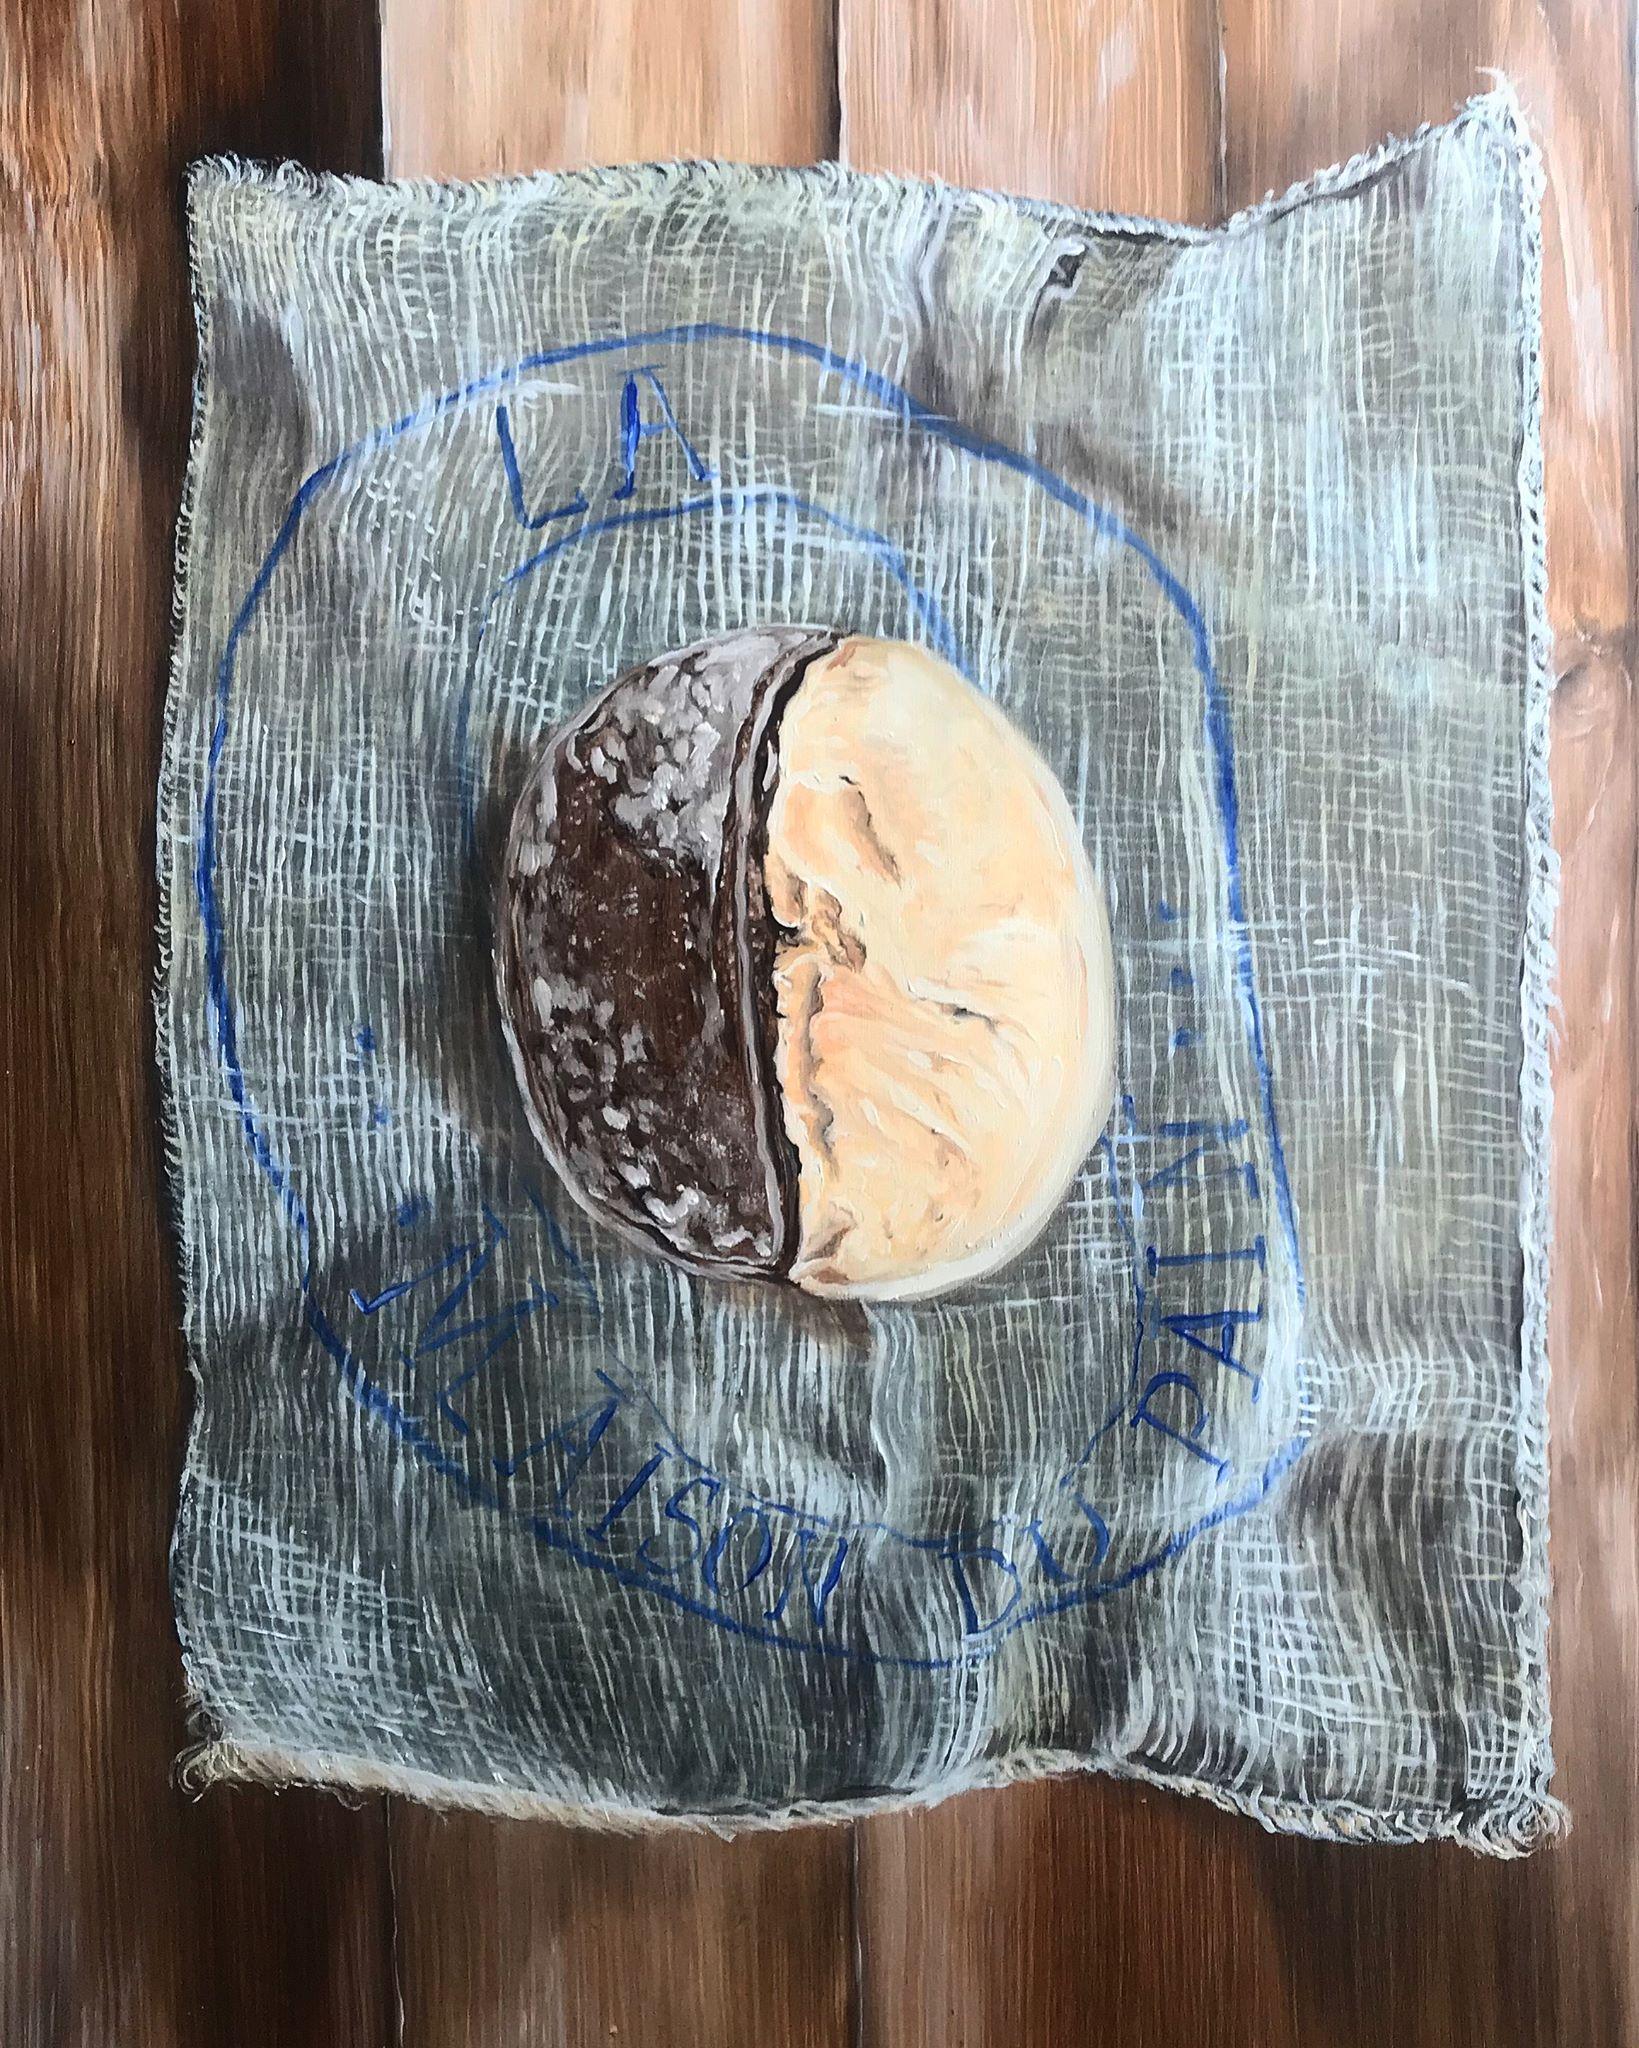 La maison du pain - Huile sur papier, trompe-l'oeil, 50 x 65 cm, Toulouse, 2018